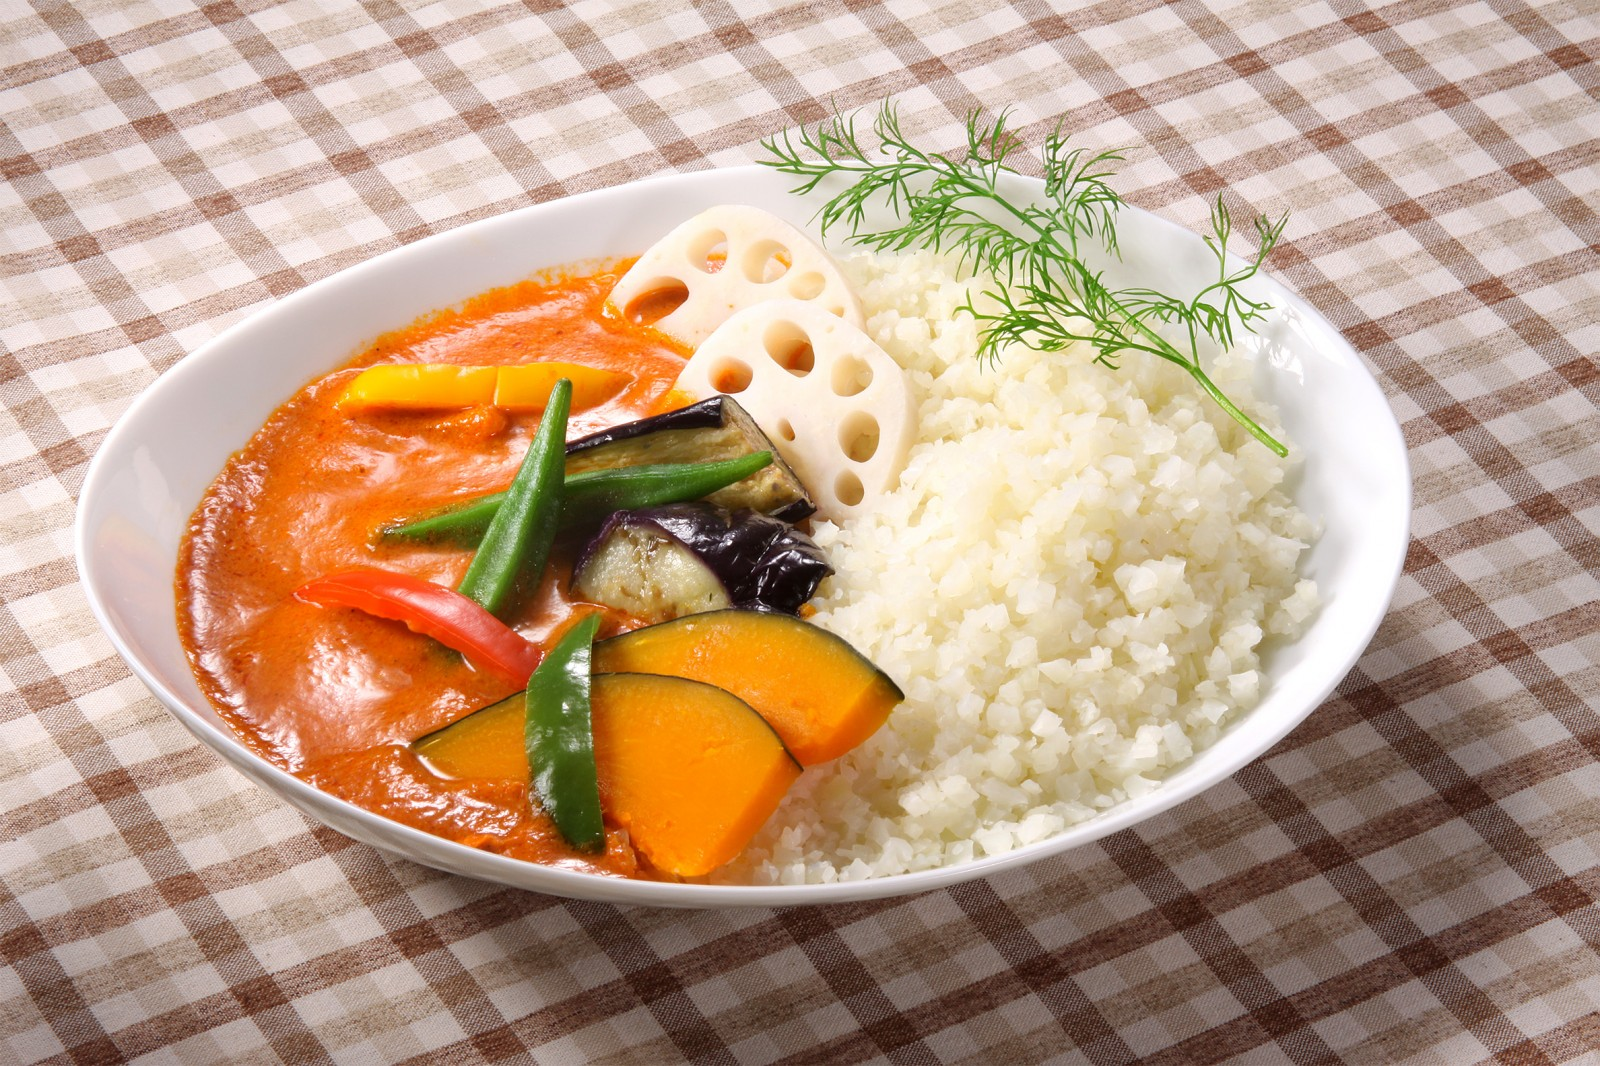 冷凍野菜「カリフラ」活用のカリフラワーライスレシピ(ライフフーズ)